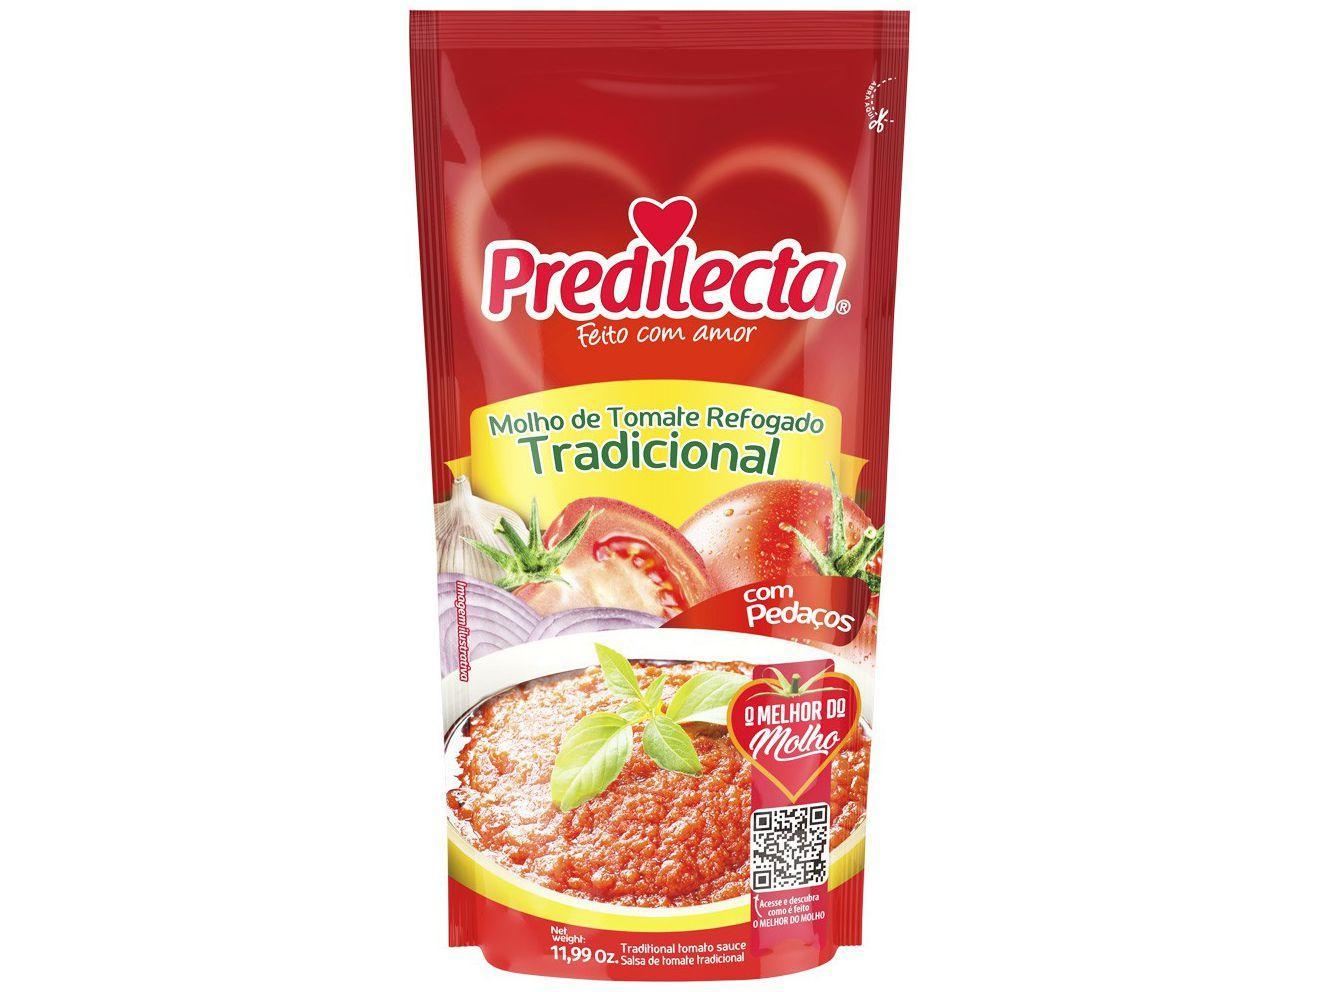 Molho de Tomate Predilecta Tradicional - 340g